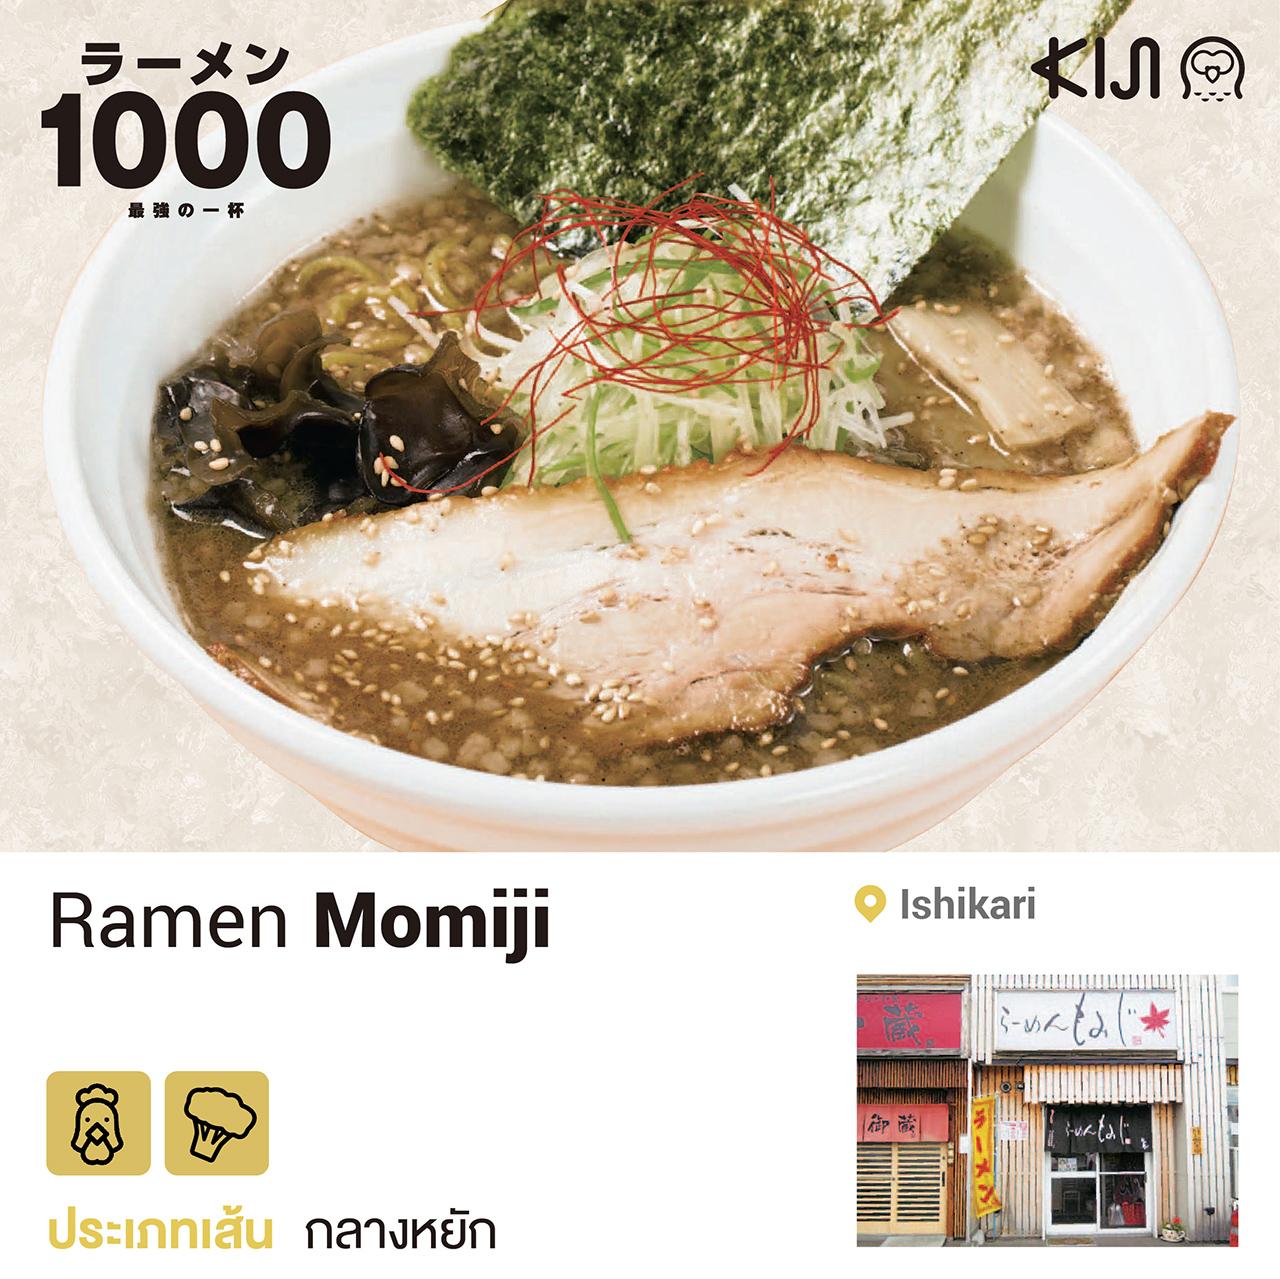 ร้านราเมน เมืองอิชิคาริ จ.ฮอกไกโด - Ramen Momiji